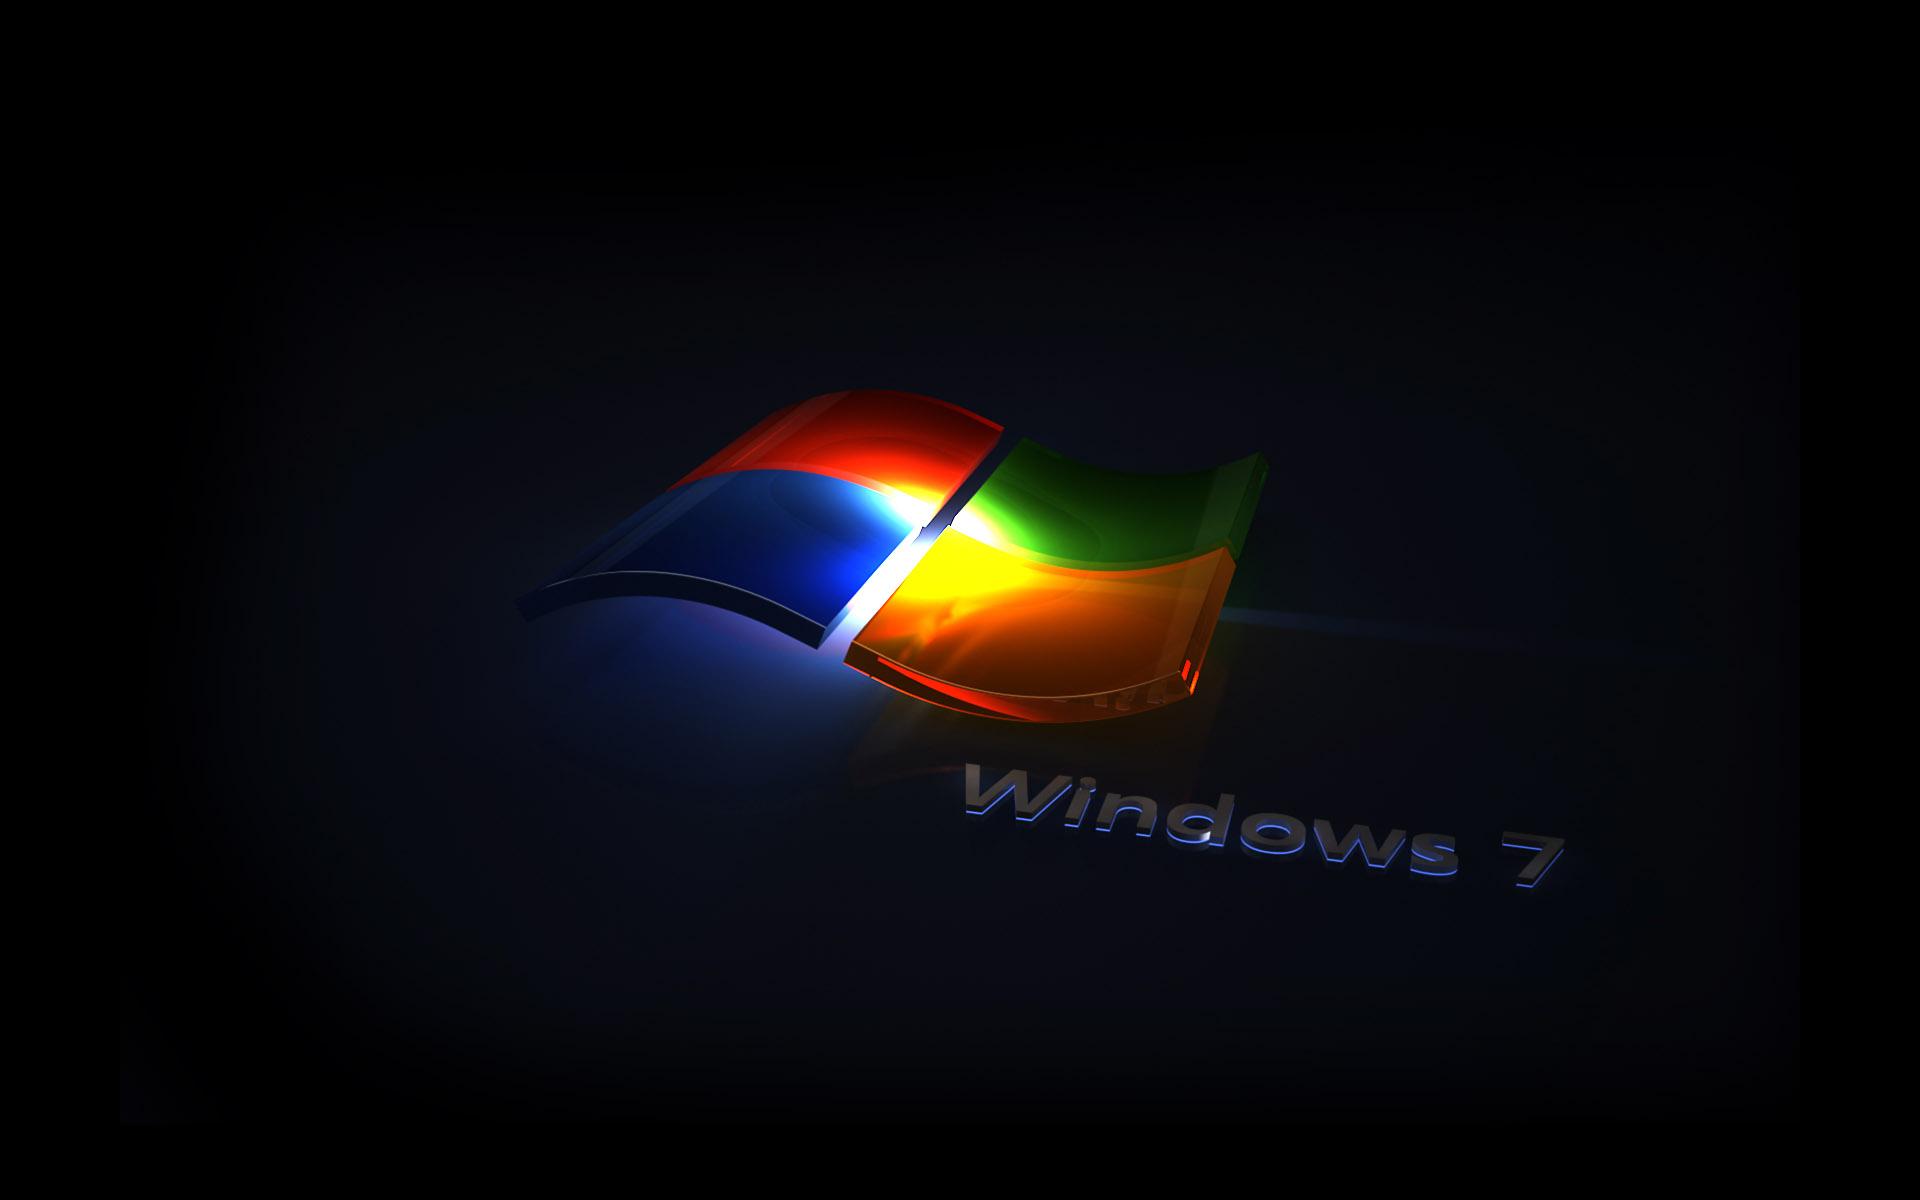 Wallpaper Windows 7 Professional HD Windows 8 Wallpaper HD 1920x1200